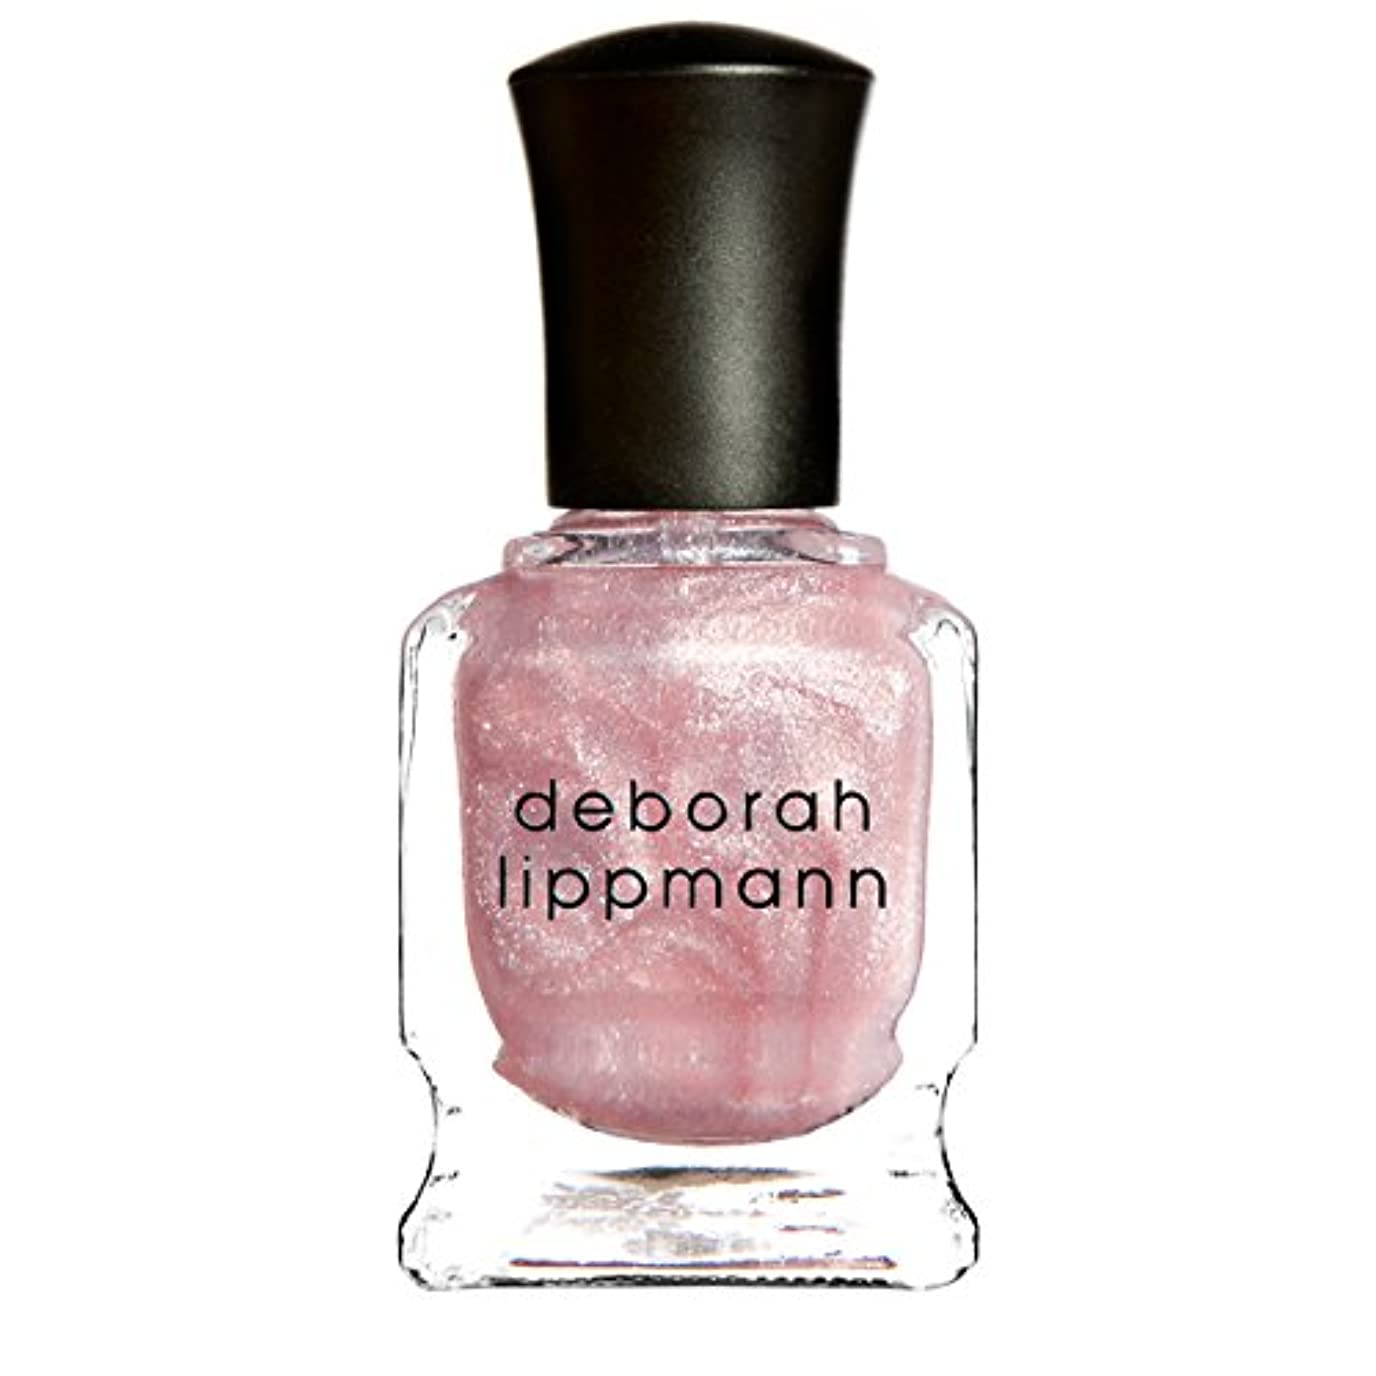 ピアースお互いラベンダー[Deborah Lippmann] デボラリップマン ポリッシュ ピンク系 15mL (ホワットエバー ローラ ウォンツ)